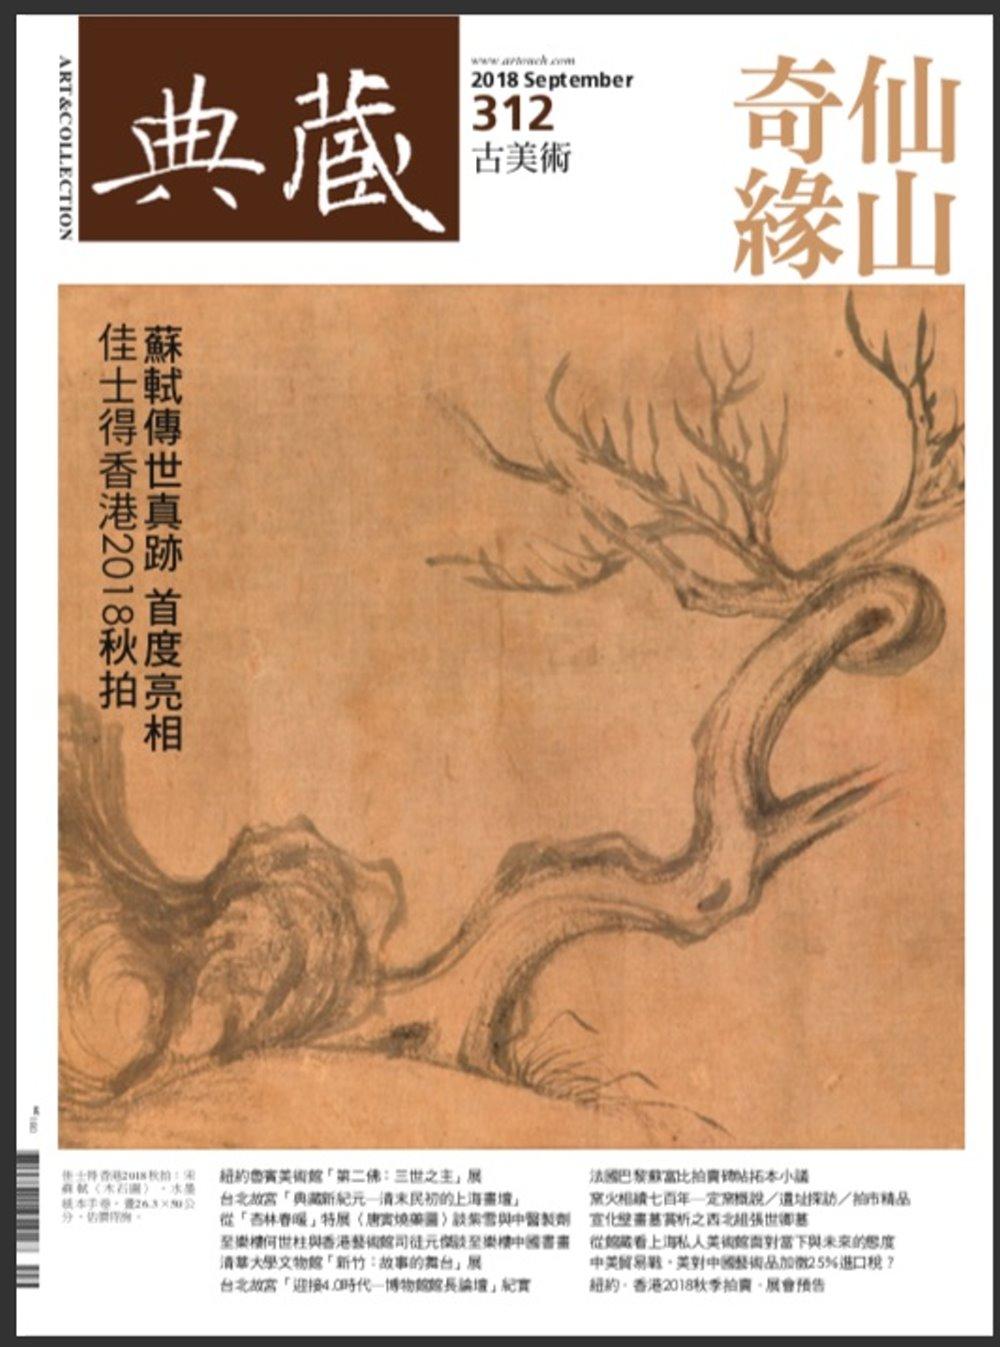 典藏古美術 9月號/2018 第312期